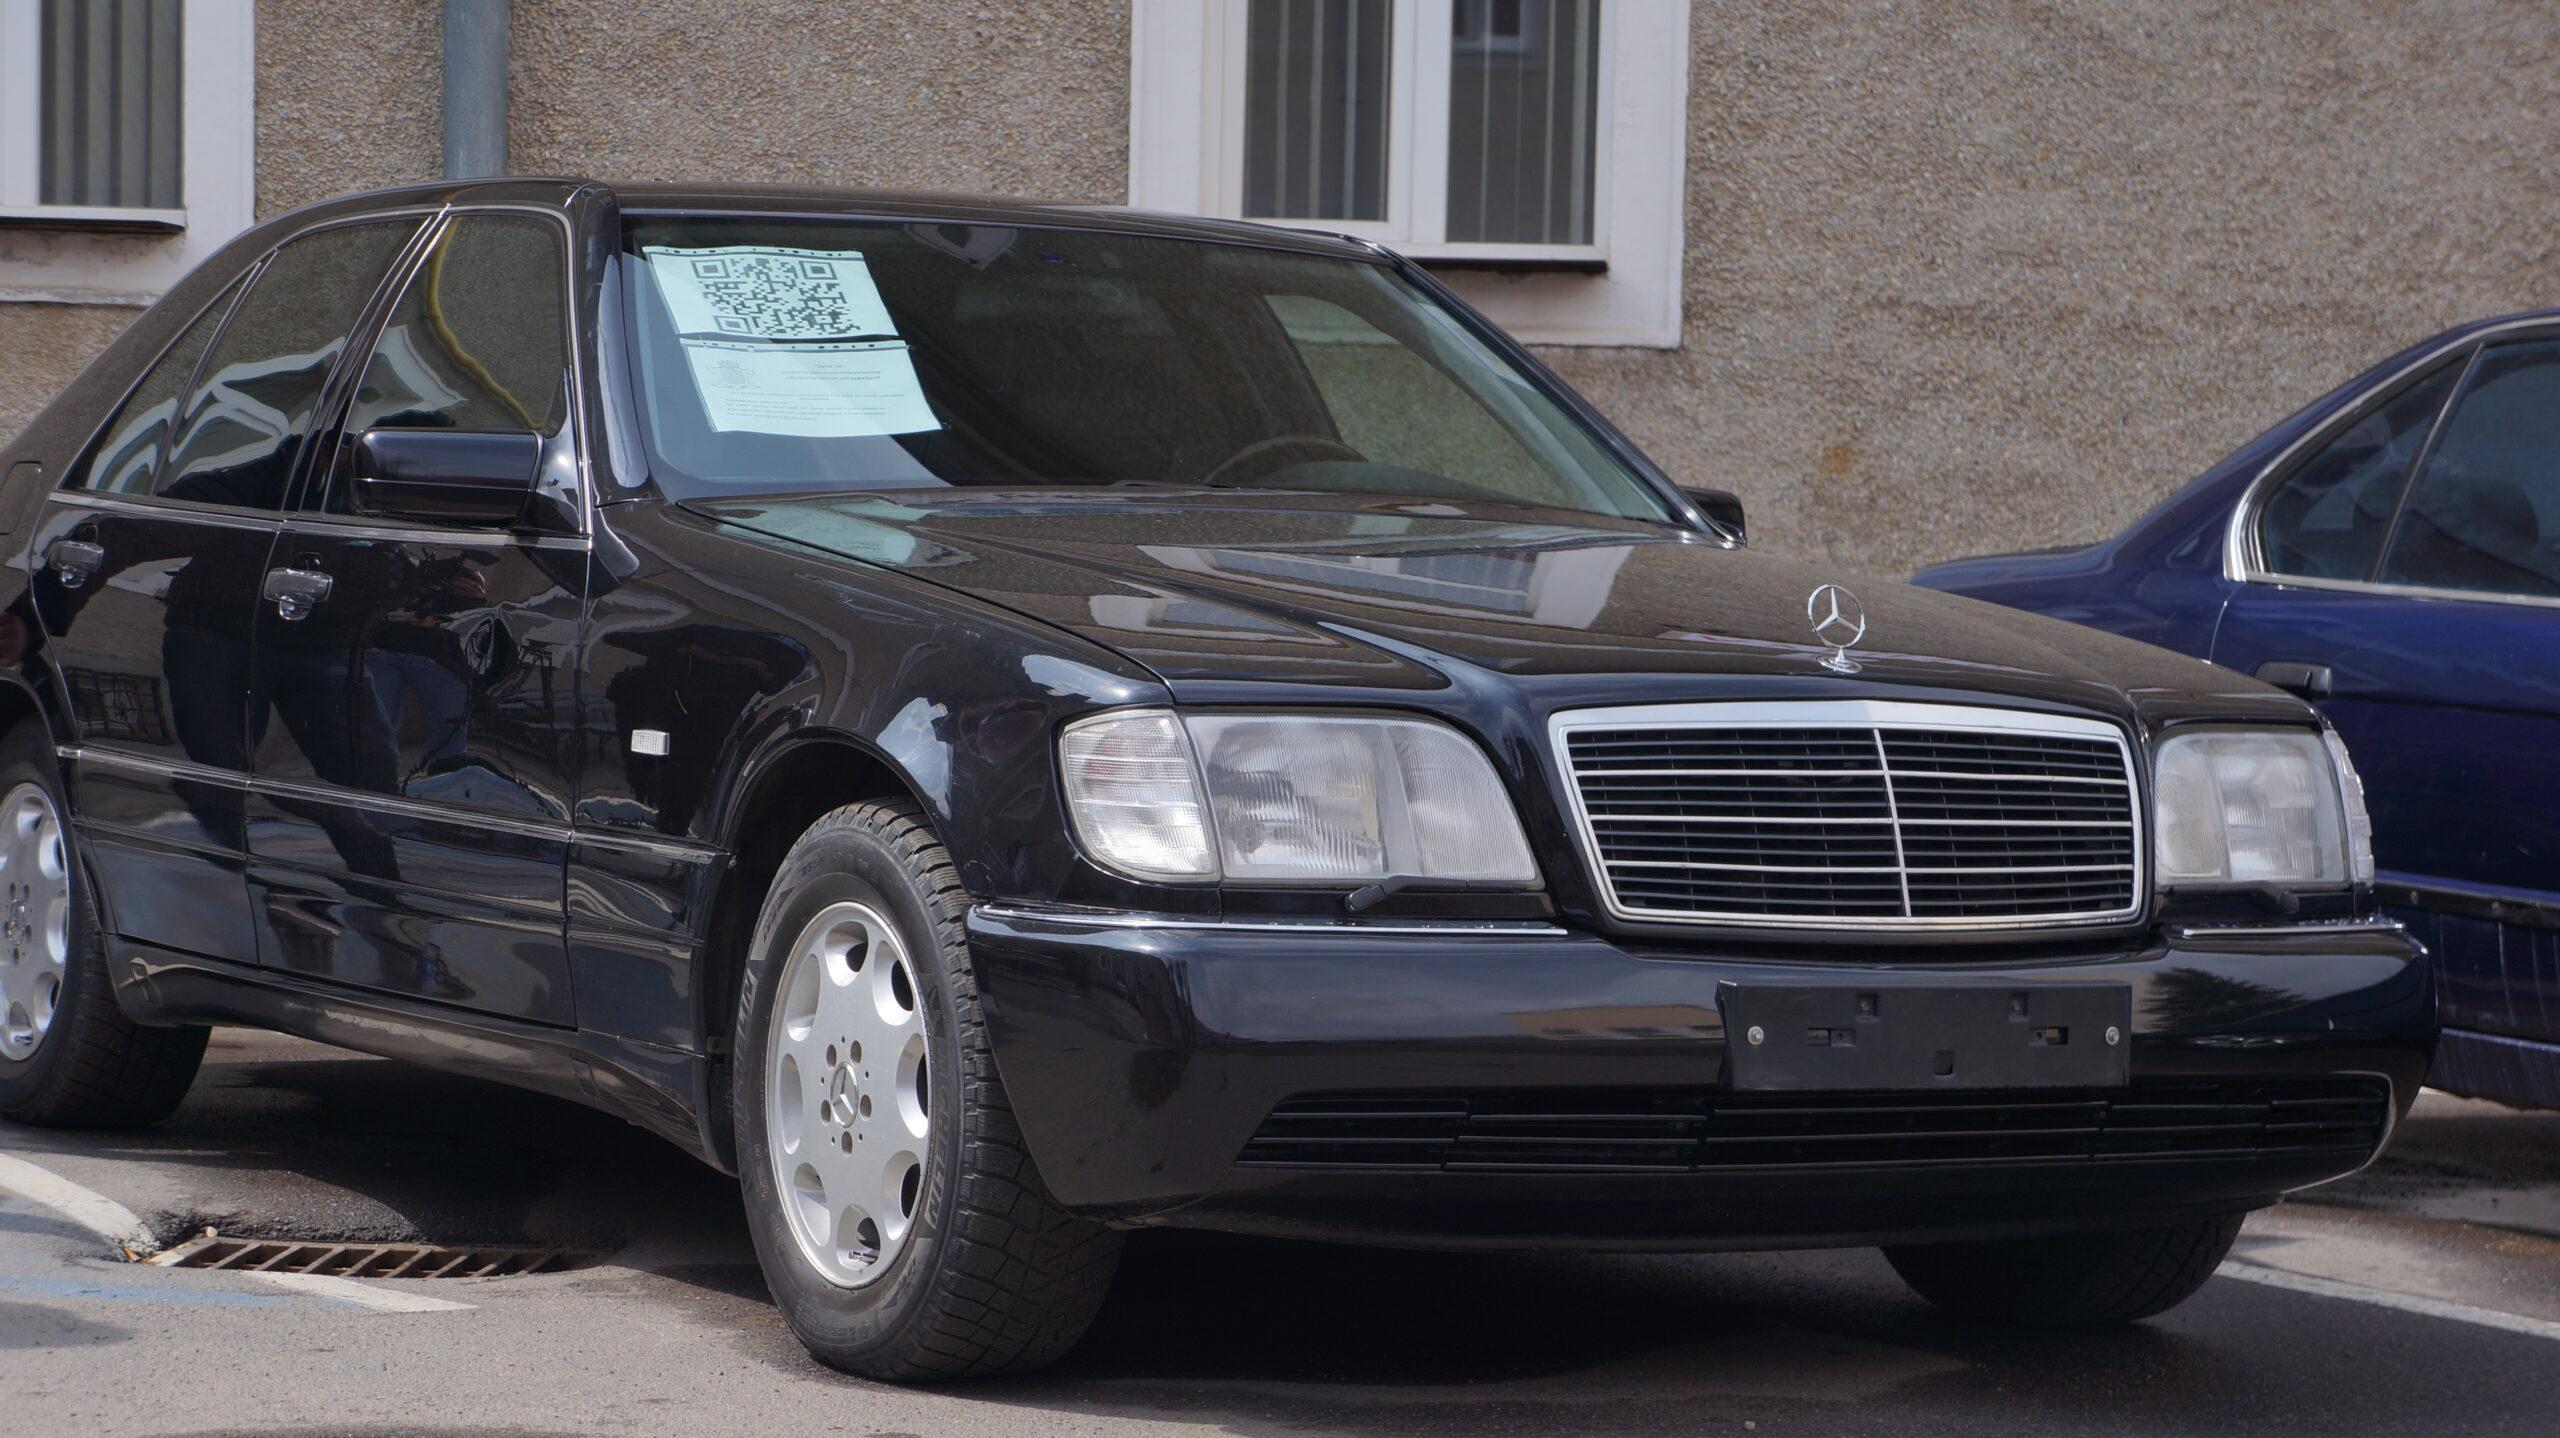 Міська рада проведе ще один аукціон: пустять з молотка найстаріші автівки